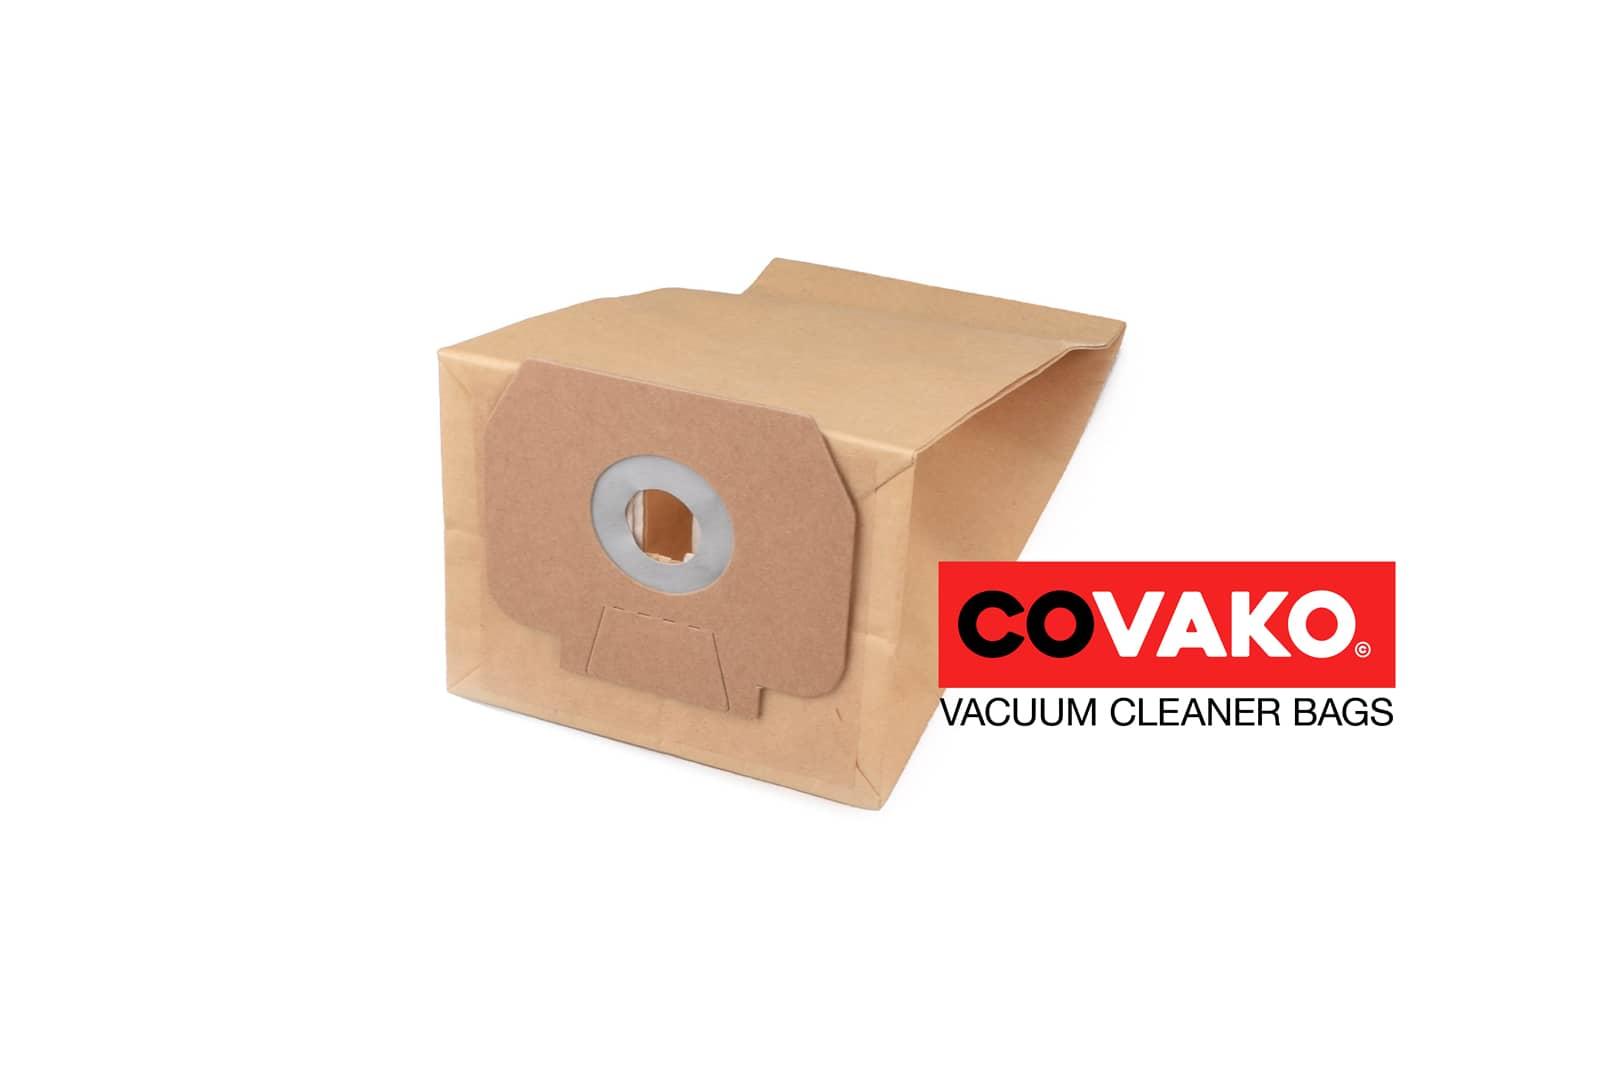 Fast RS 09 / Papier - Fast sacs d'aspirateur